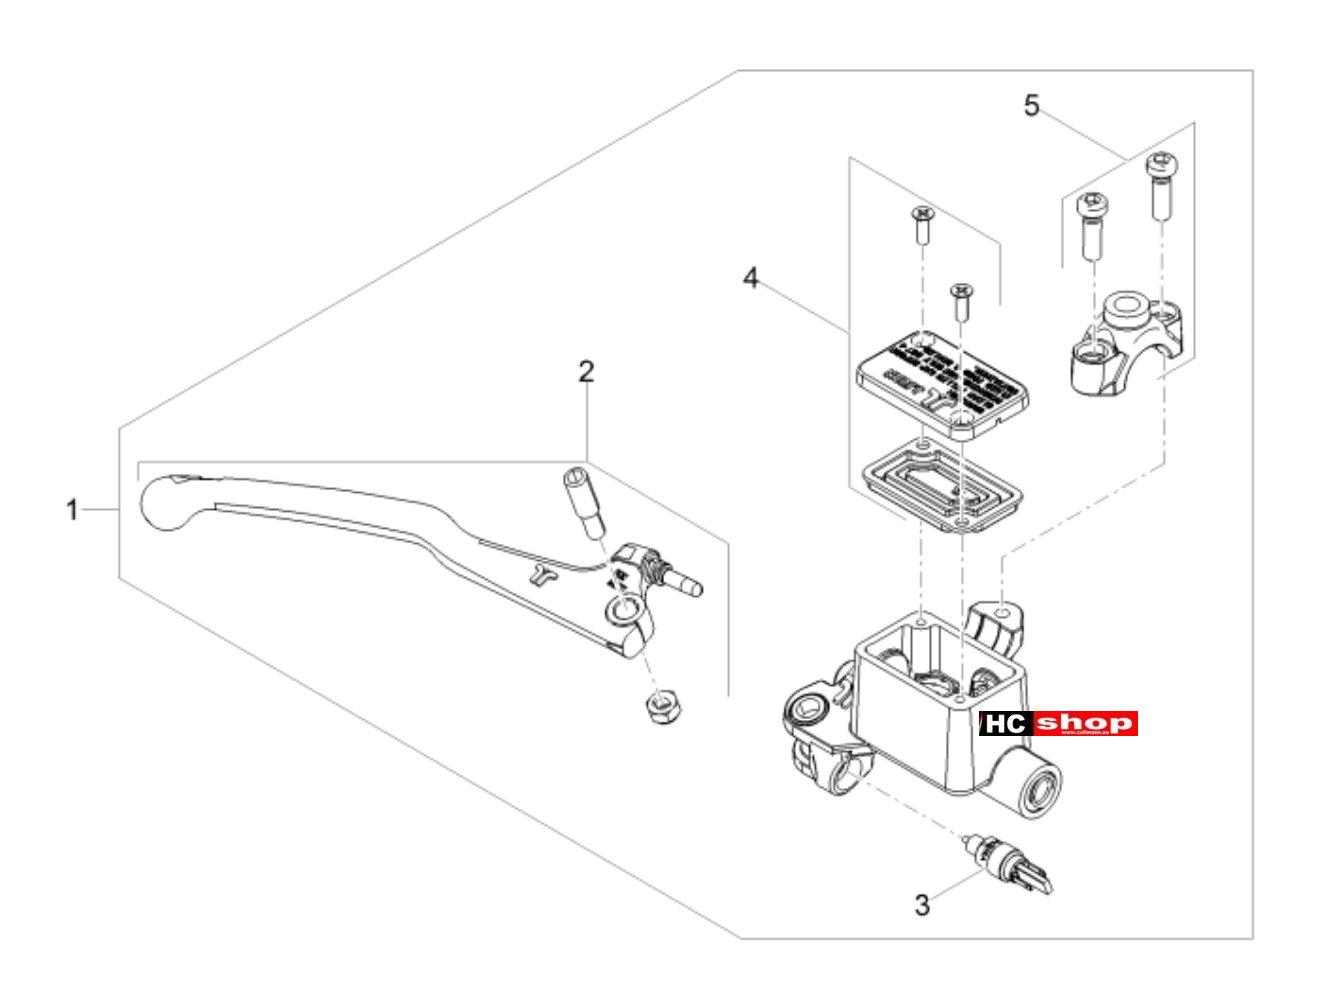 Aprilia Tuono 125 4T E4 ABS Bremsanlage